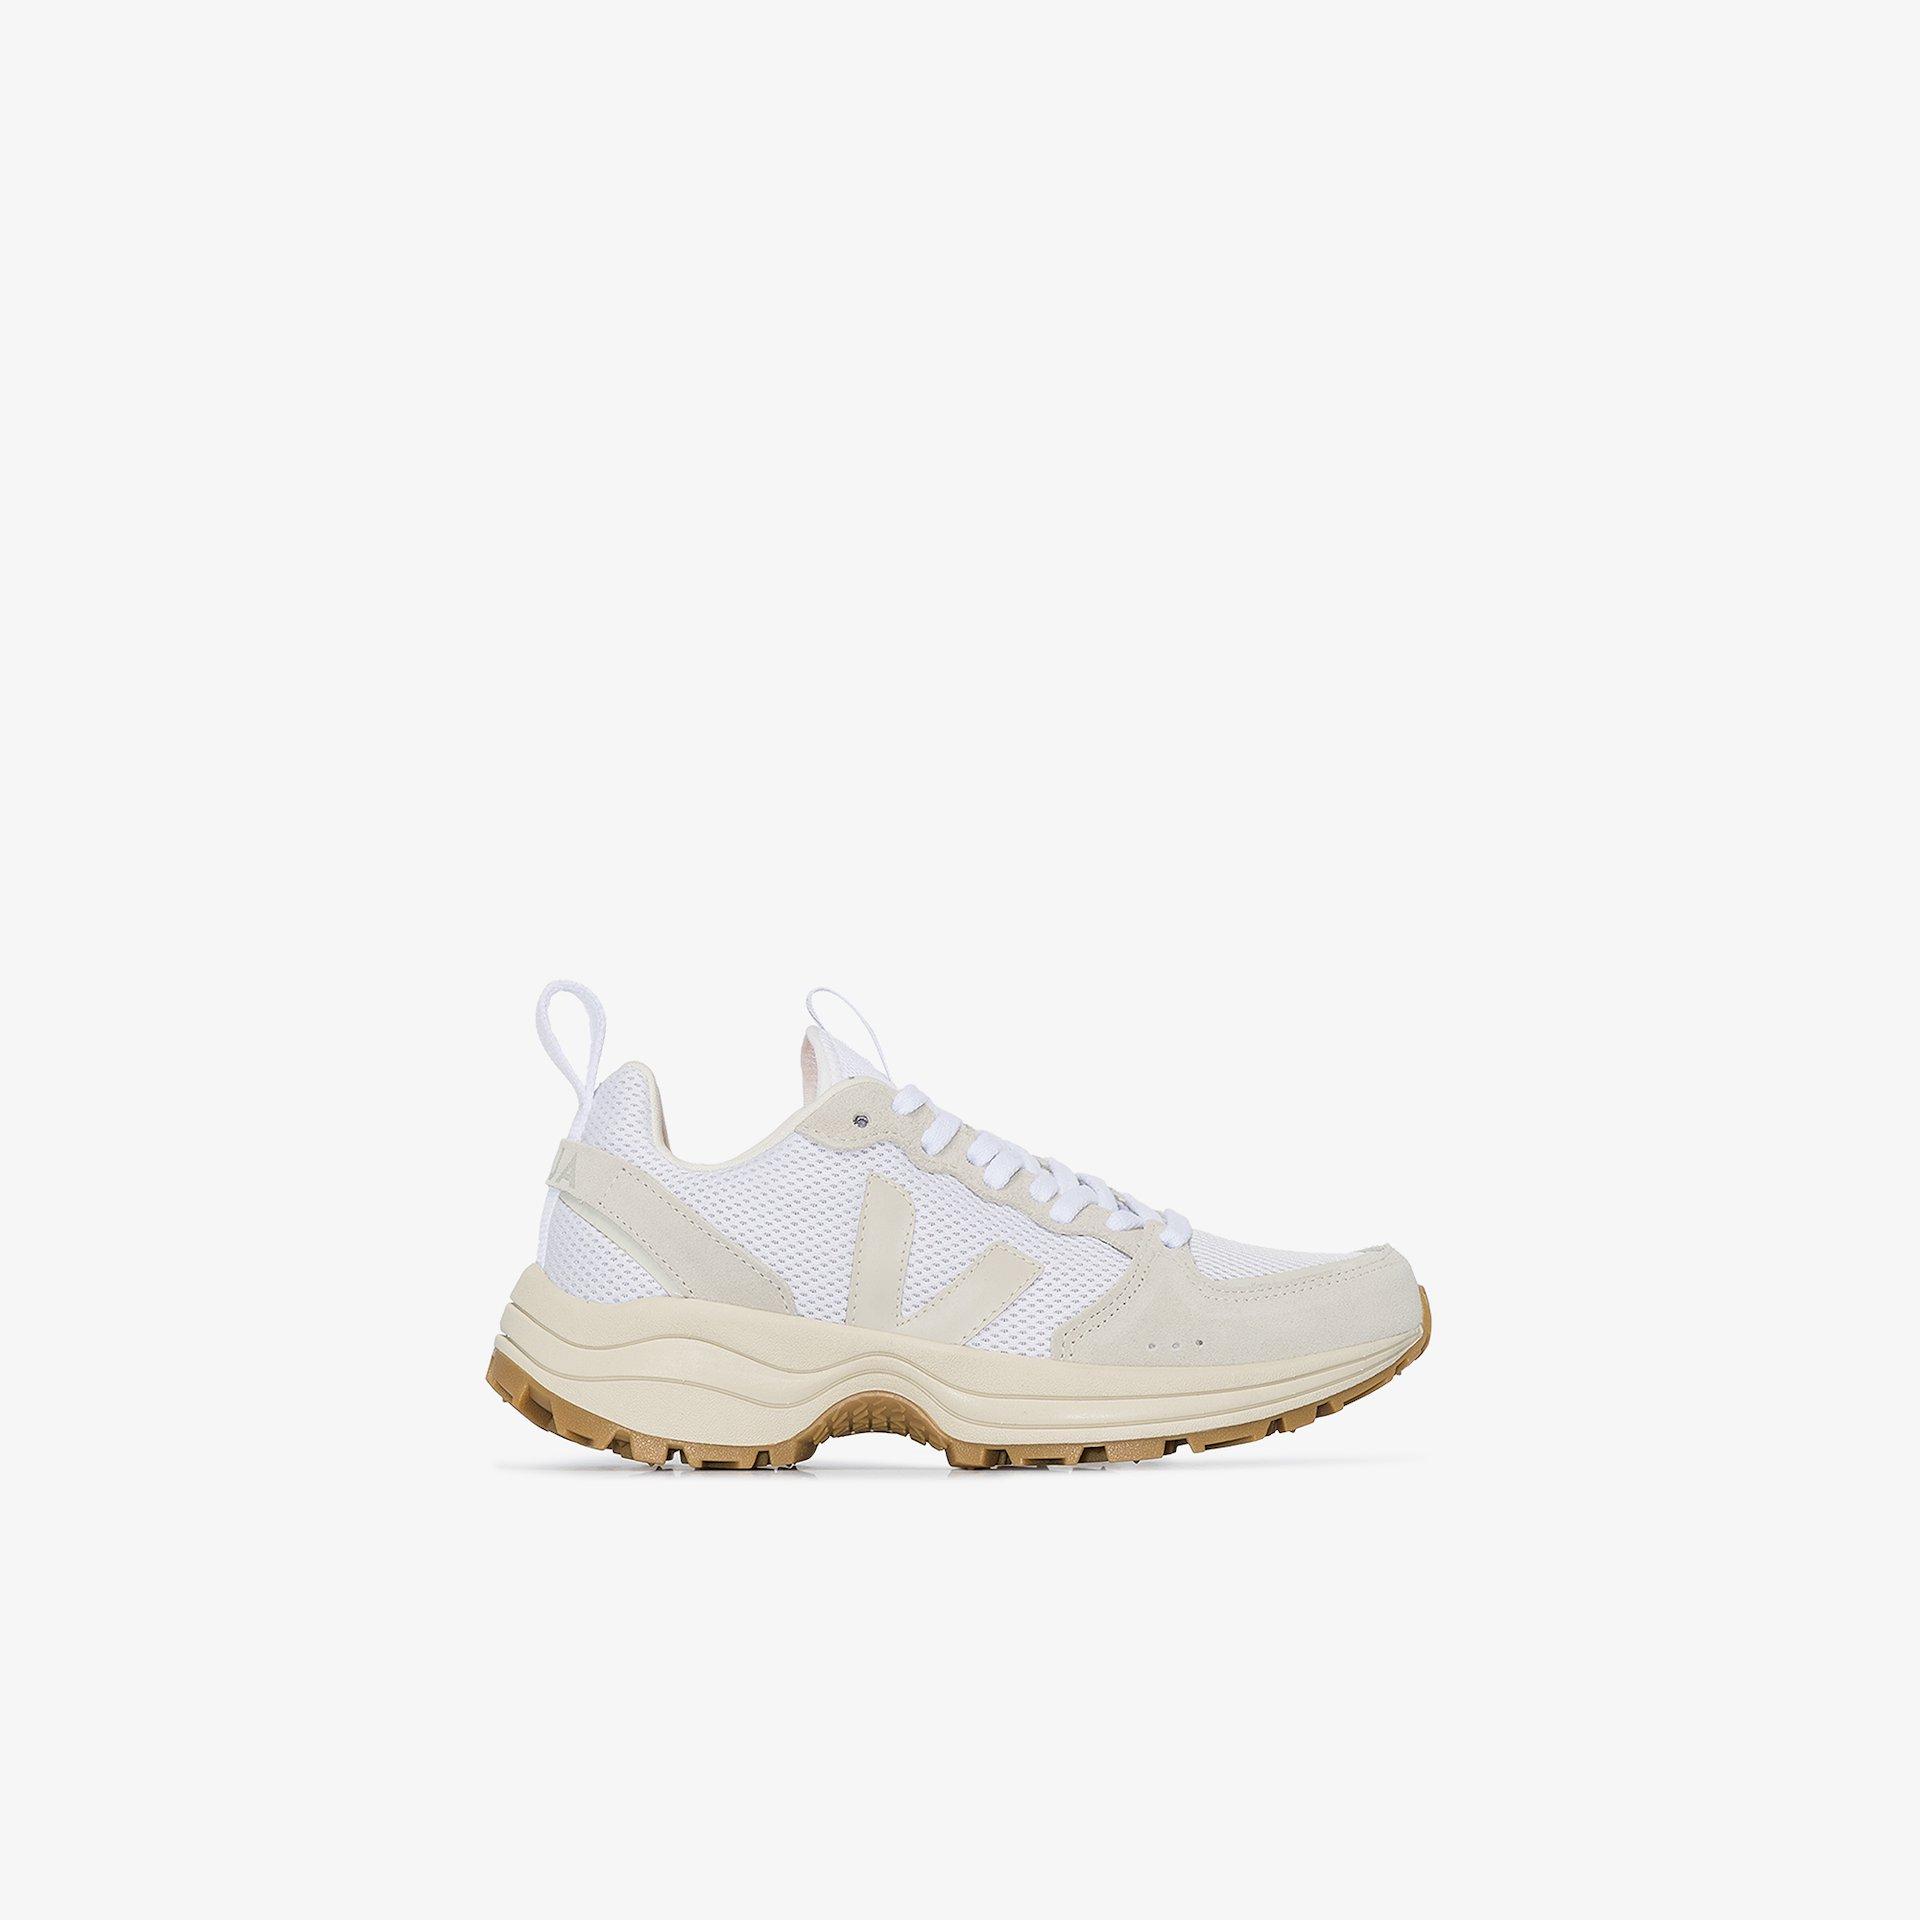 Veja White Ventura Suede Sneakers Browns